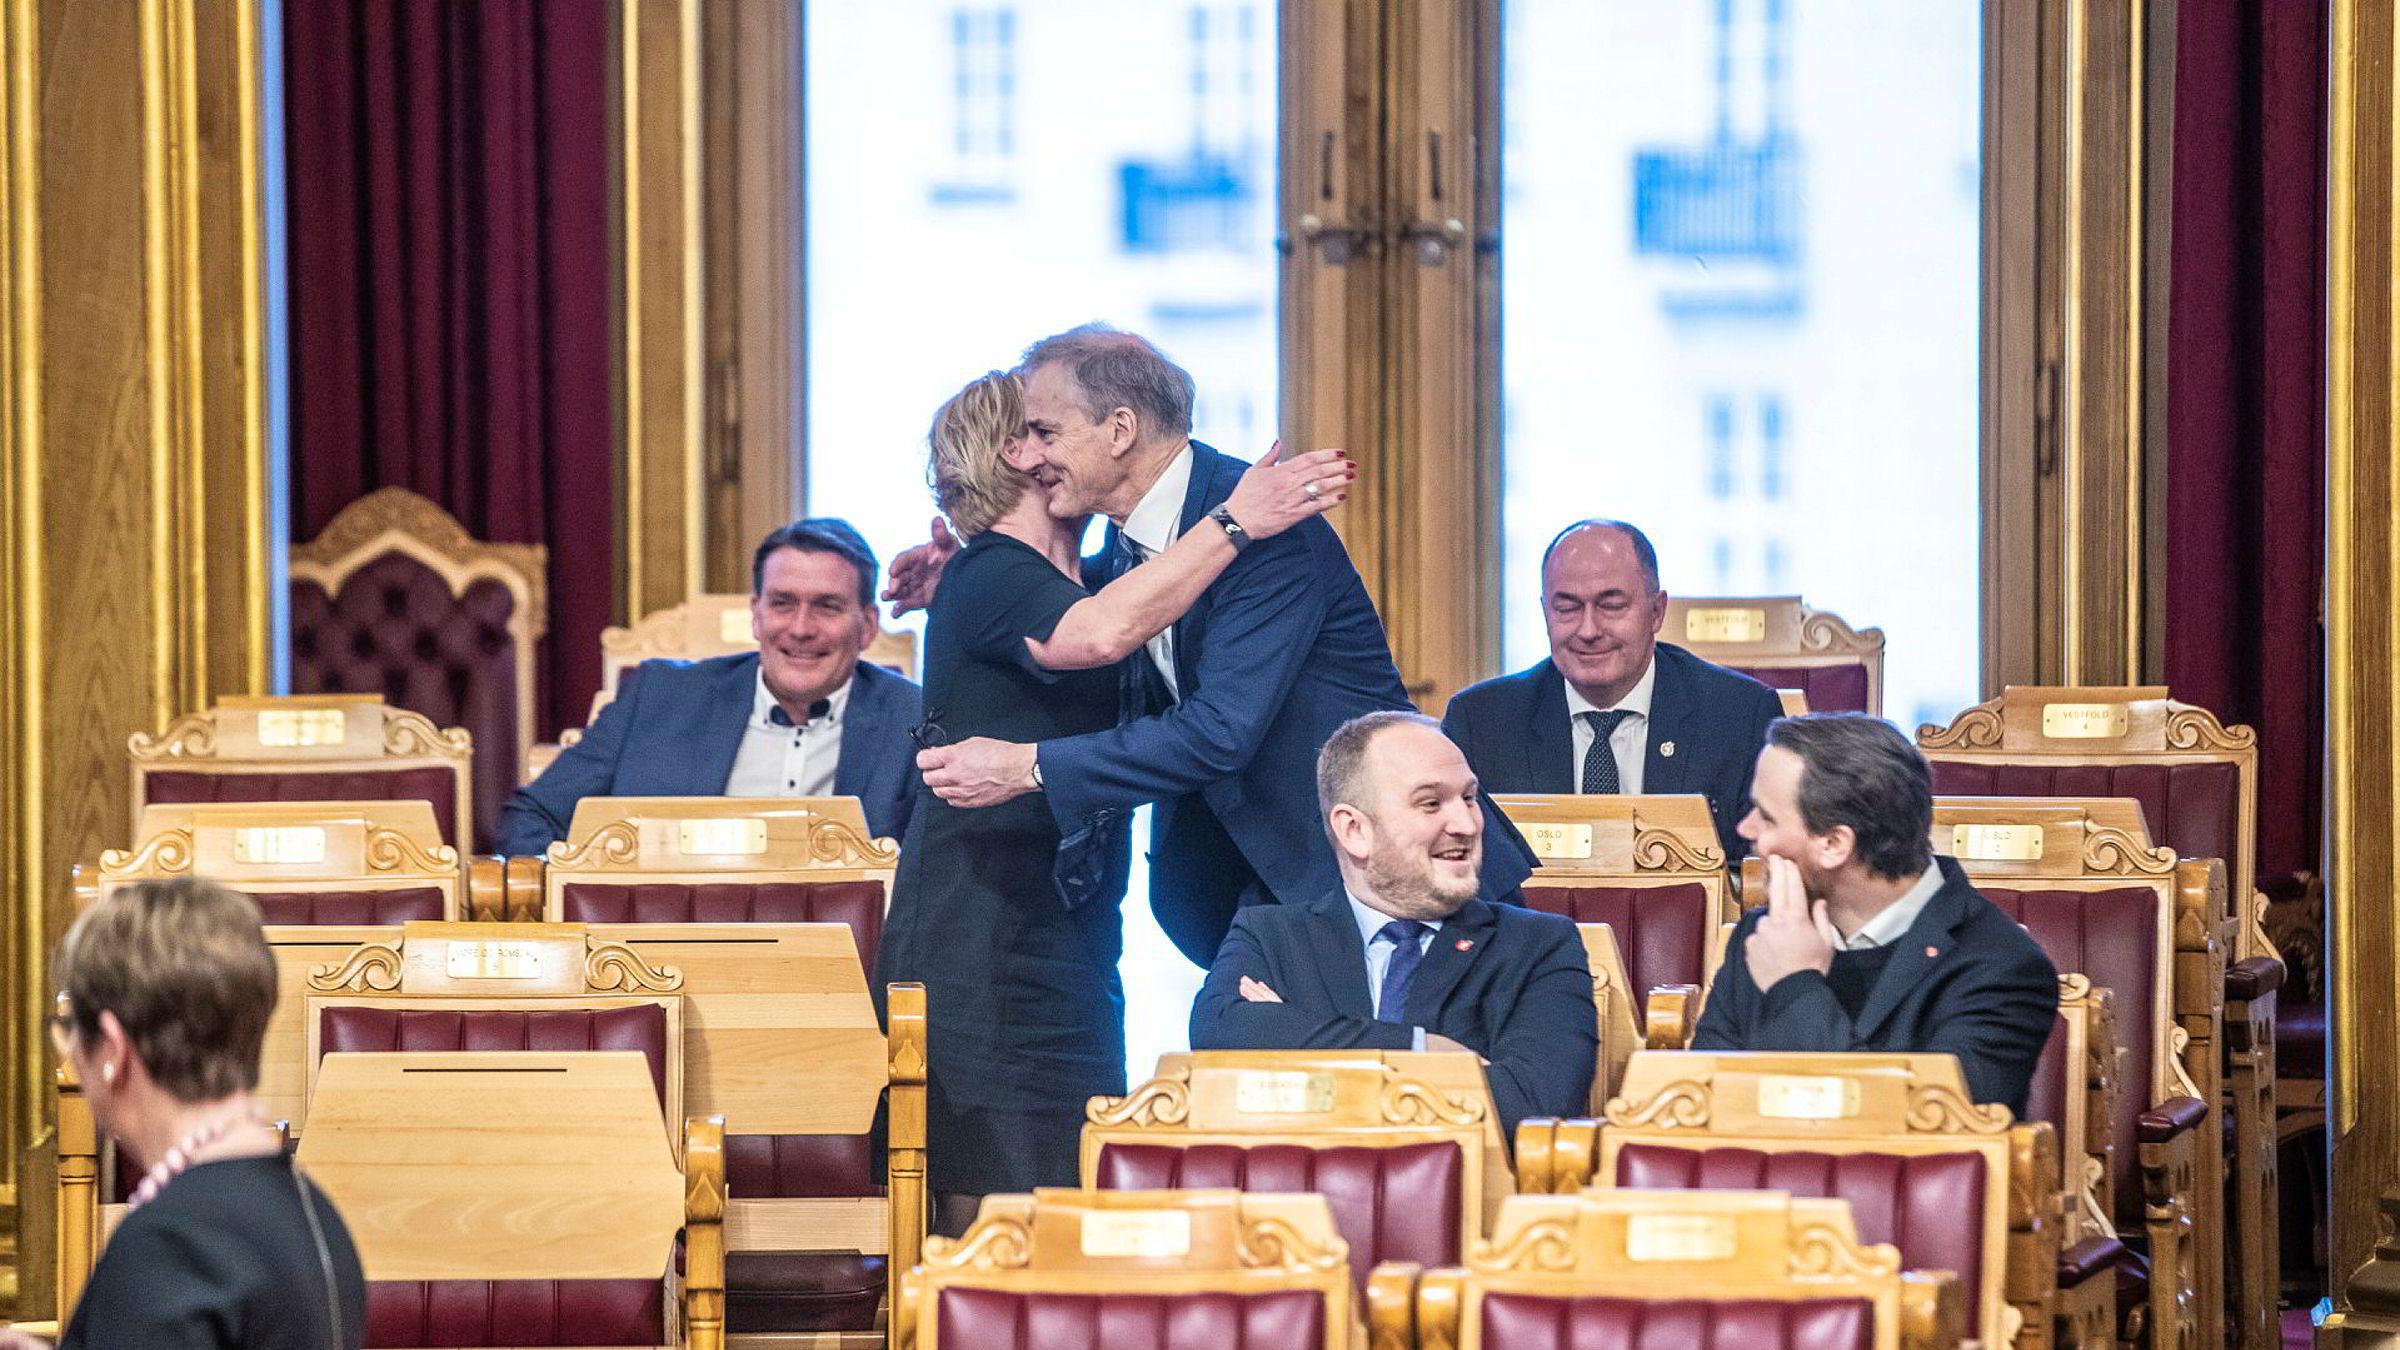 Frp-leder Siv Jensen og Ap-leder Jonas Gahr Støre er Stortingets nye antikabelkamerater.